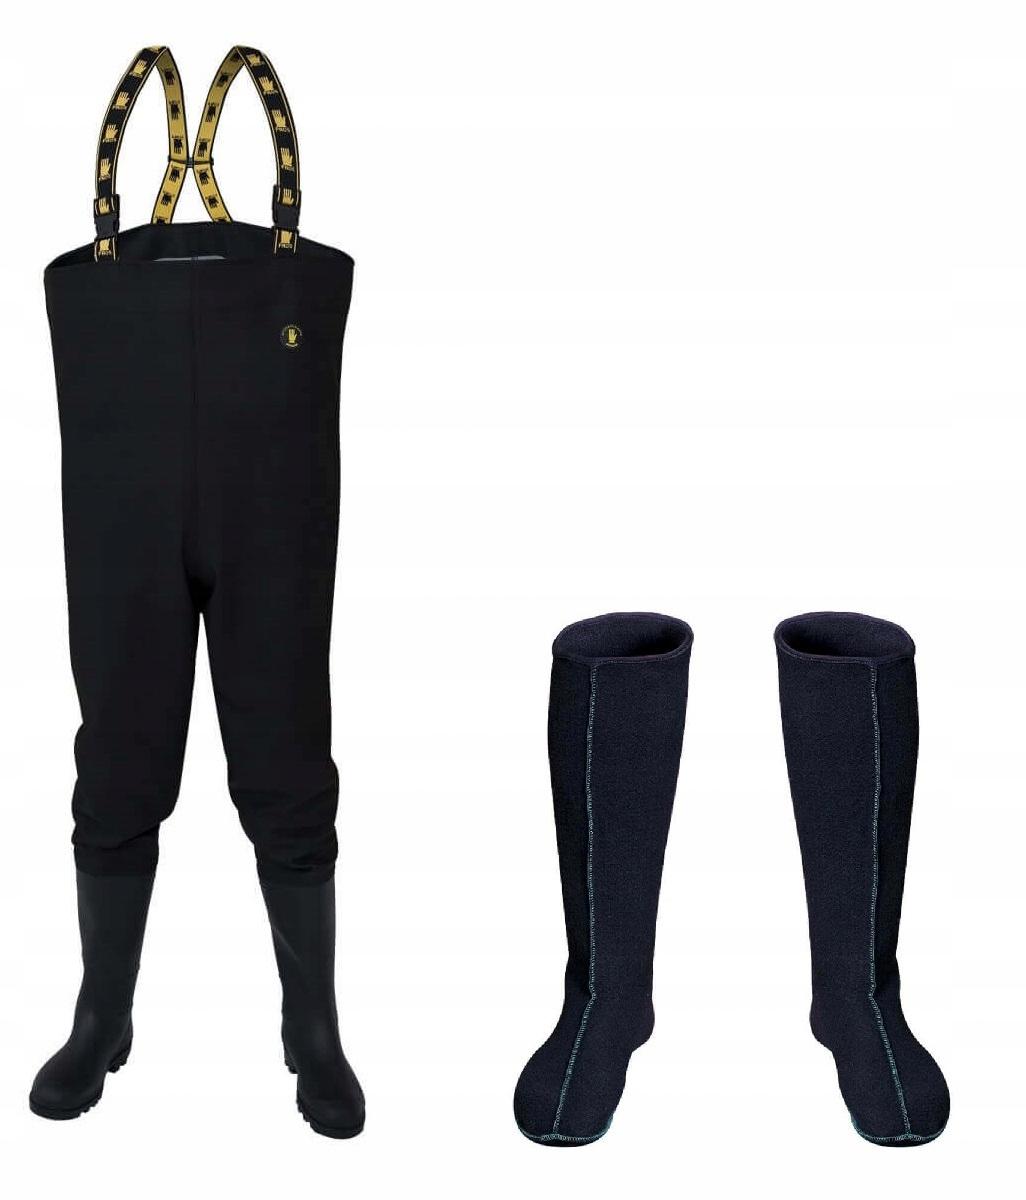 Spodniobuty Pros Plavitex Plus Ocieplacz Filcowy